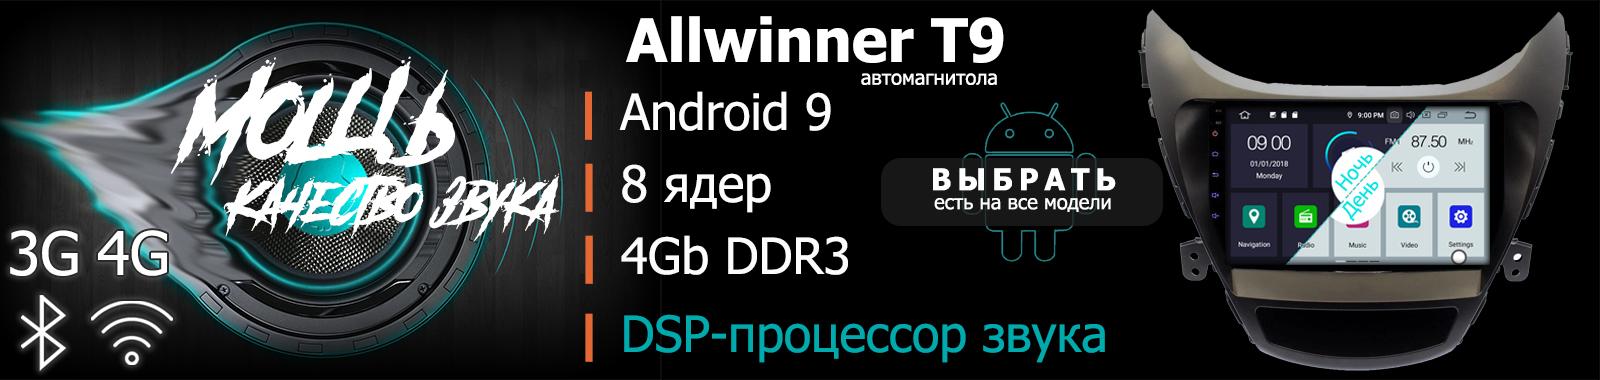 Allwinner T9